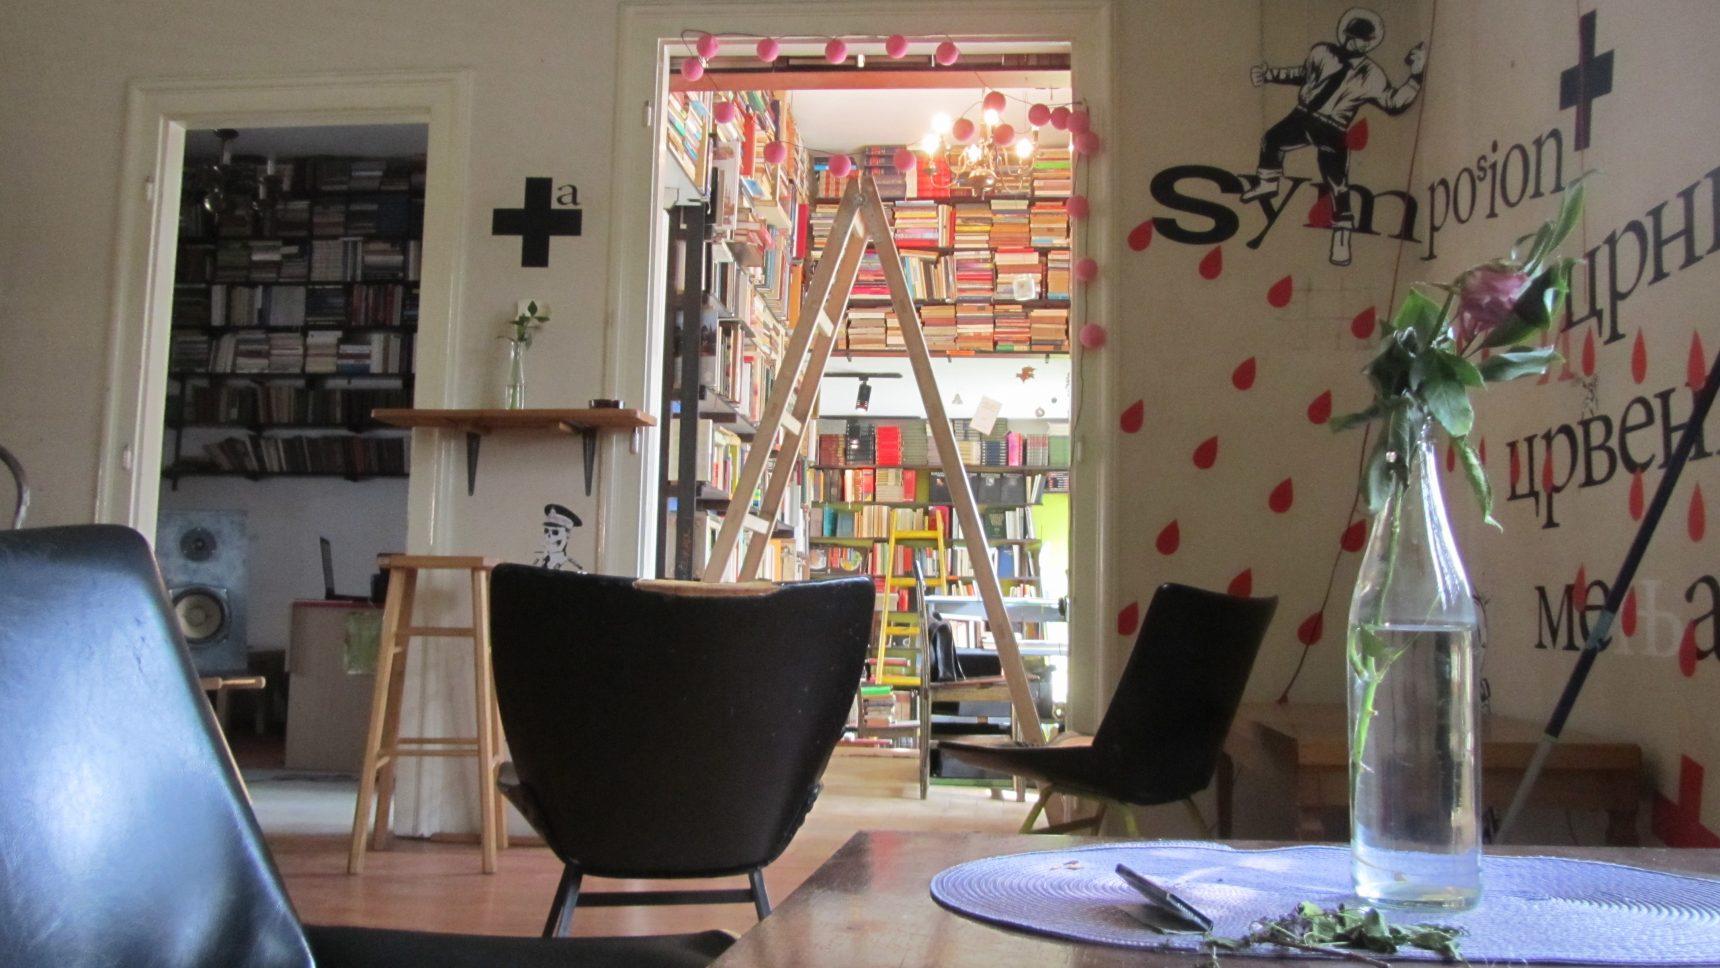 Materra Mesto Prostorija - centrum kulturalne mieszczące księgarnię, kawiarnię, galerię, studio nagrań i czytelnię lesbijską. Fot. Piotr Goldstein